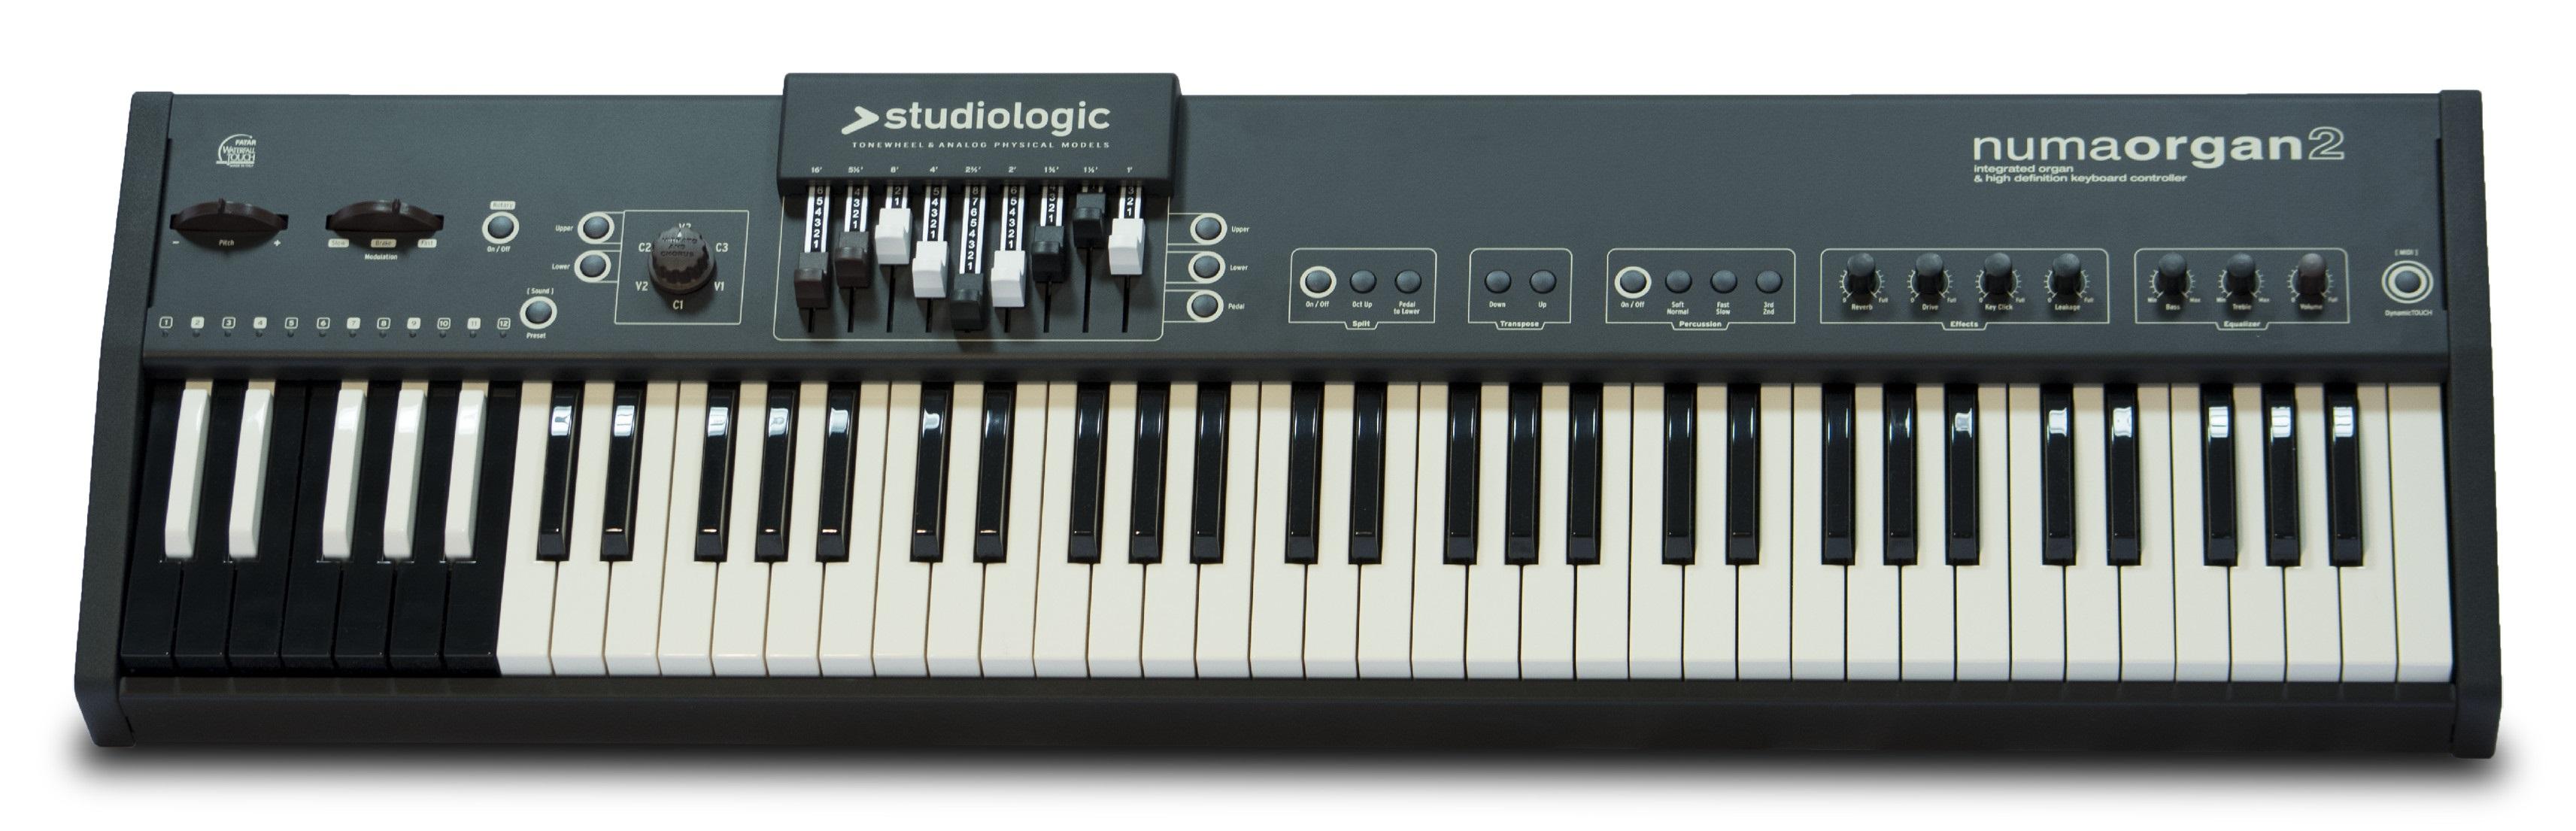 Fotografie Studiologic Numa Organ 2